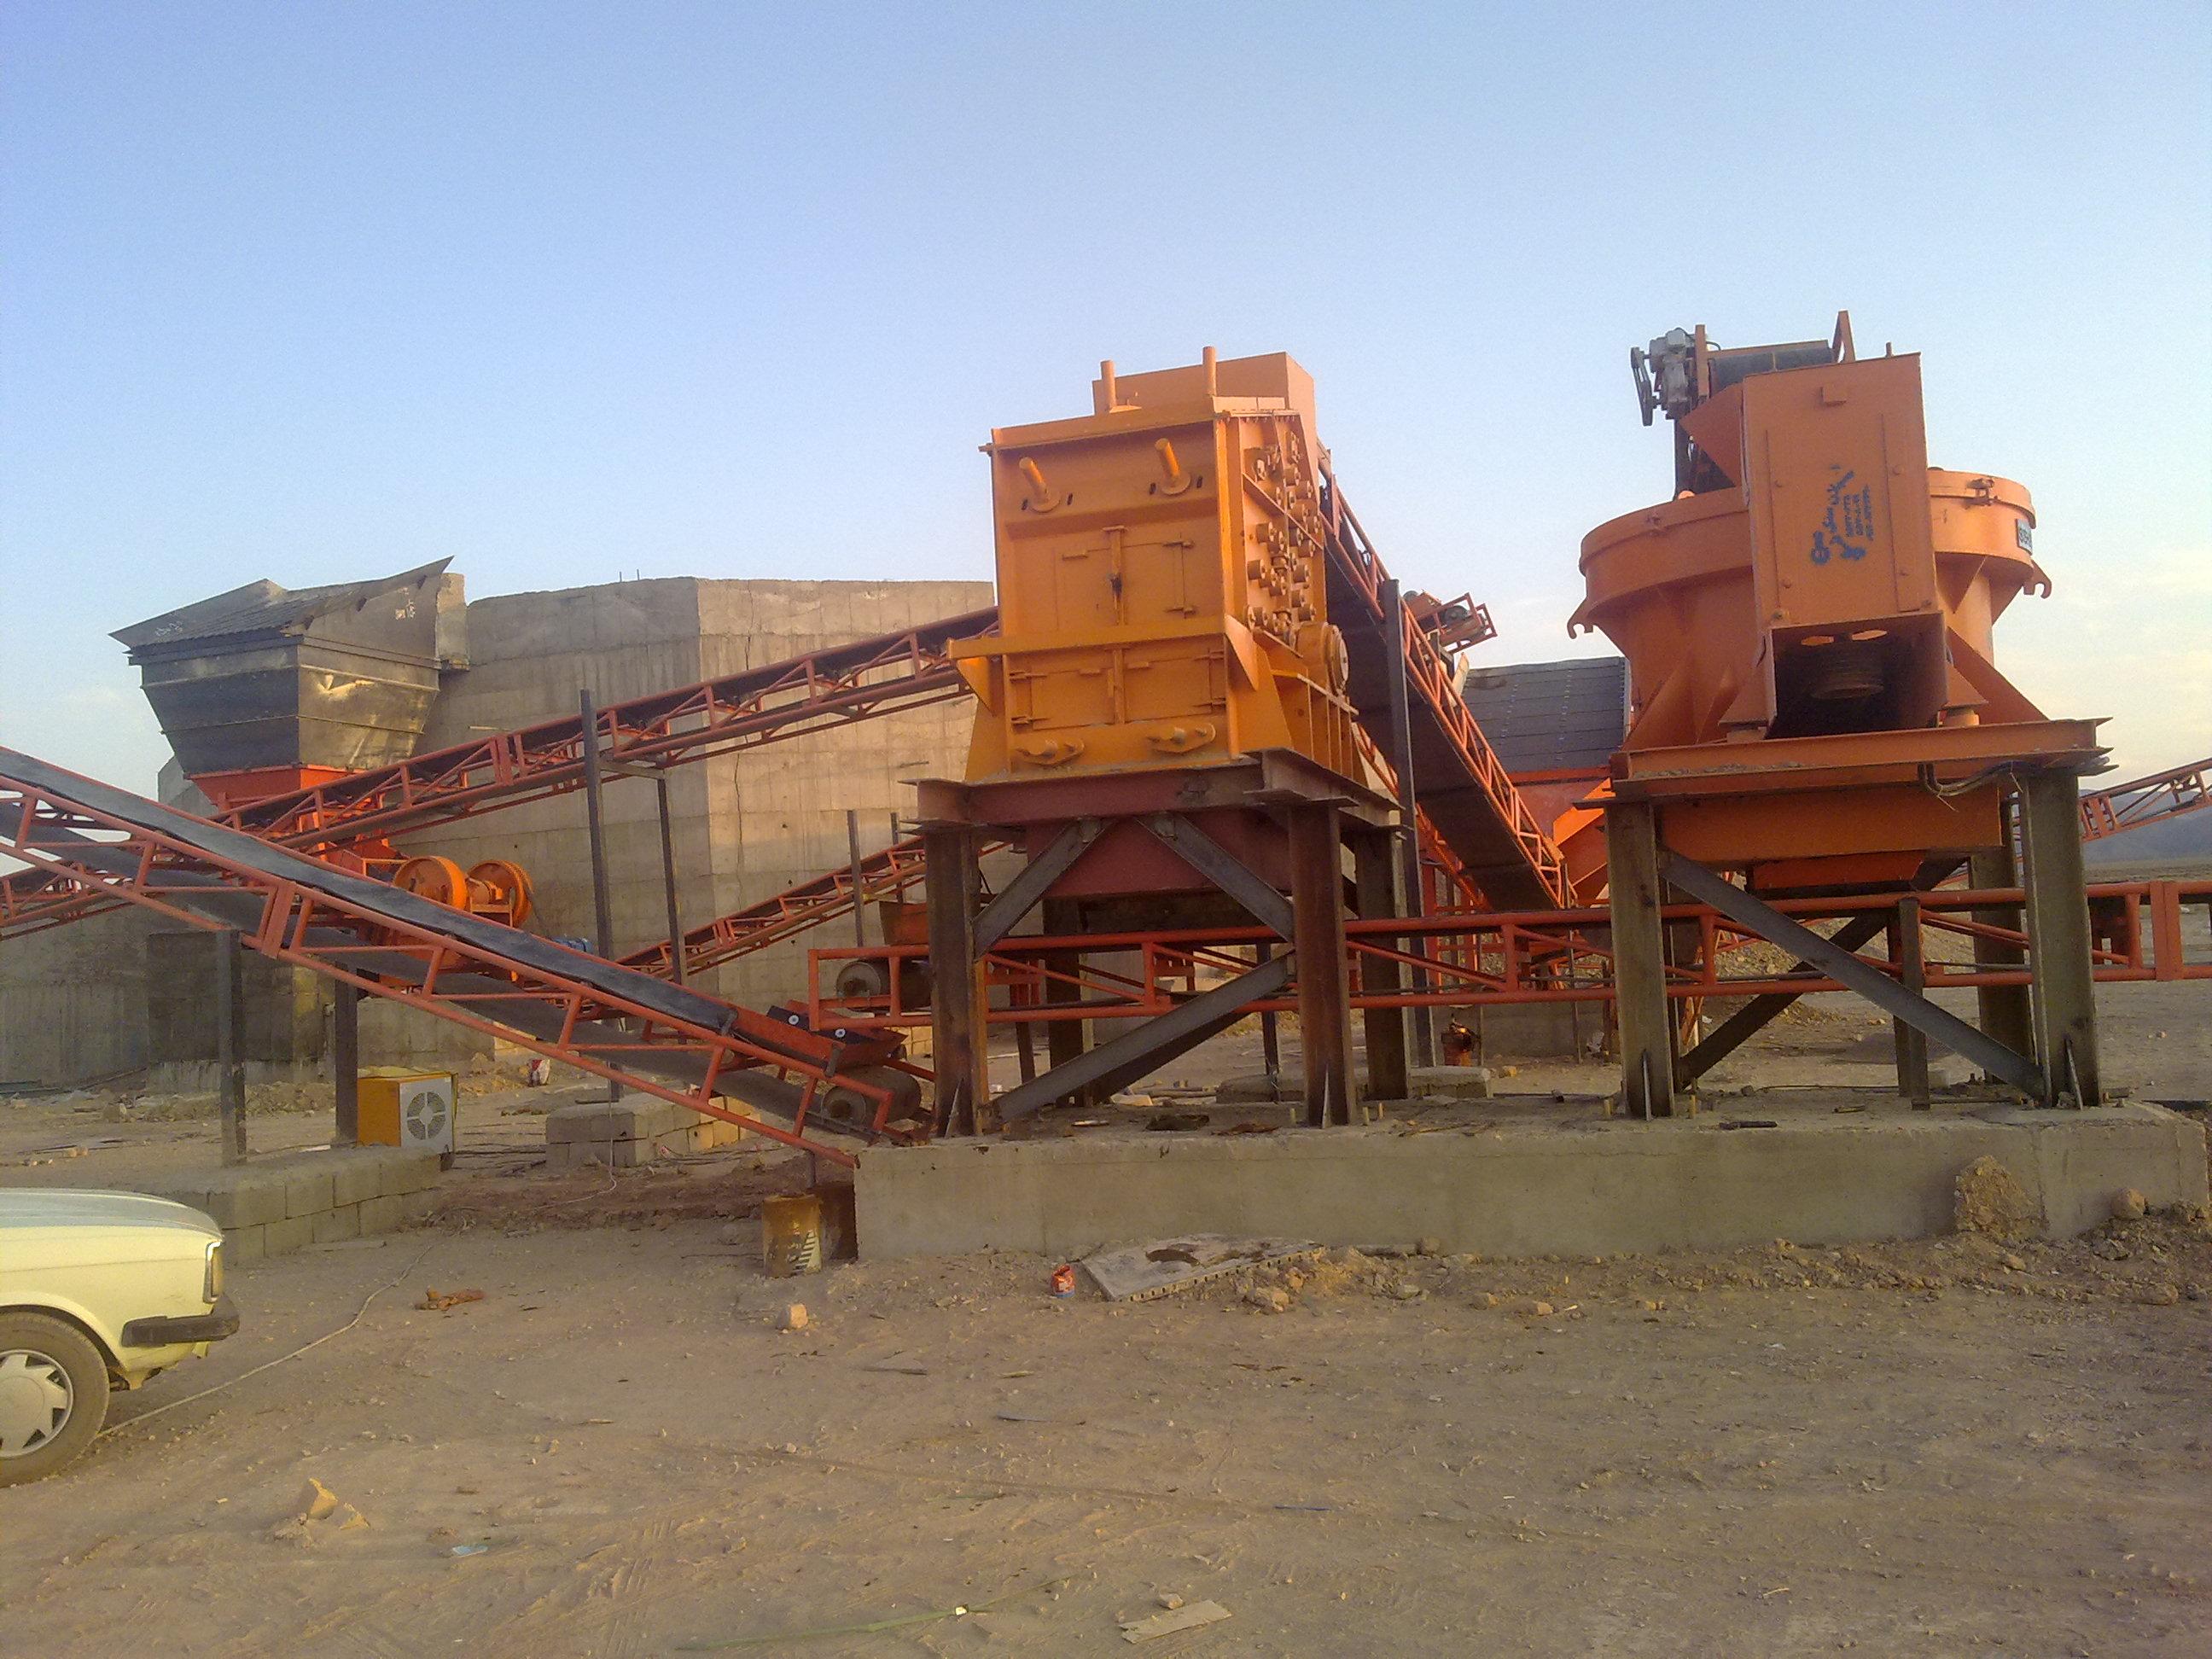 کارگاه سنگ شکن شهرداری گرگان به مزایده گذاشته شد/اجاره15ساله سنگ شکن گرگان